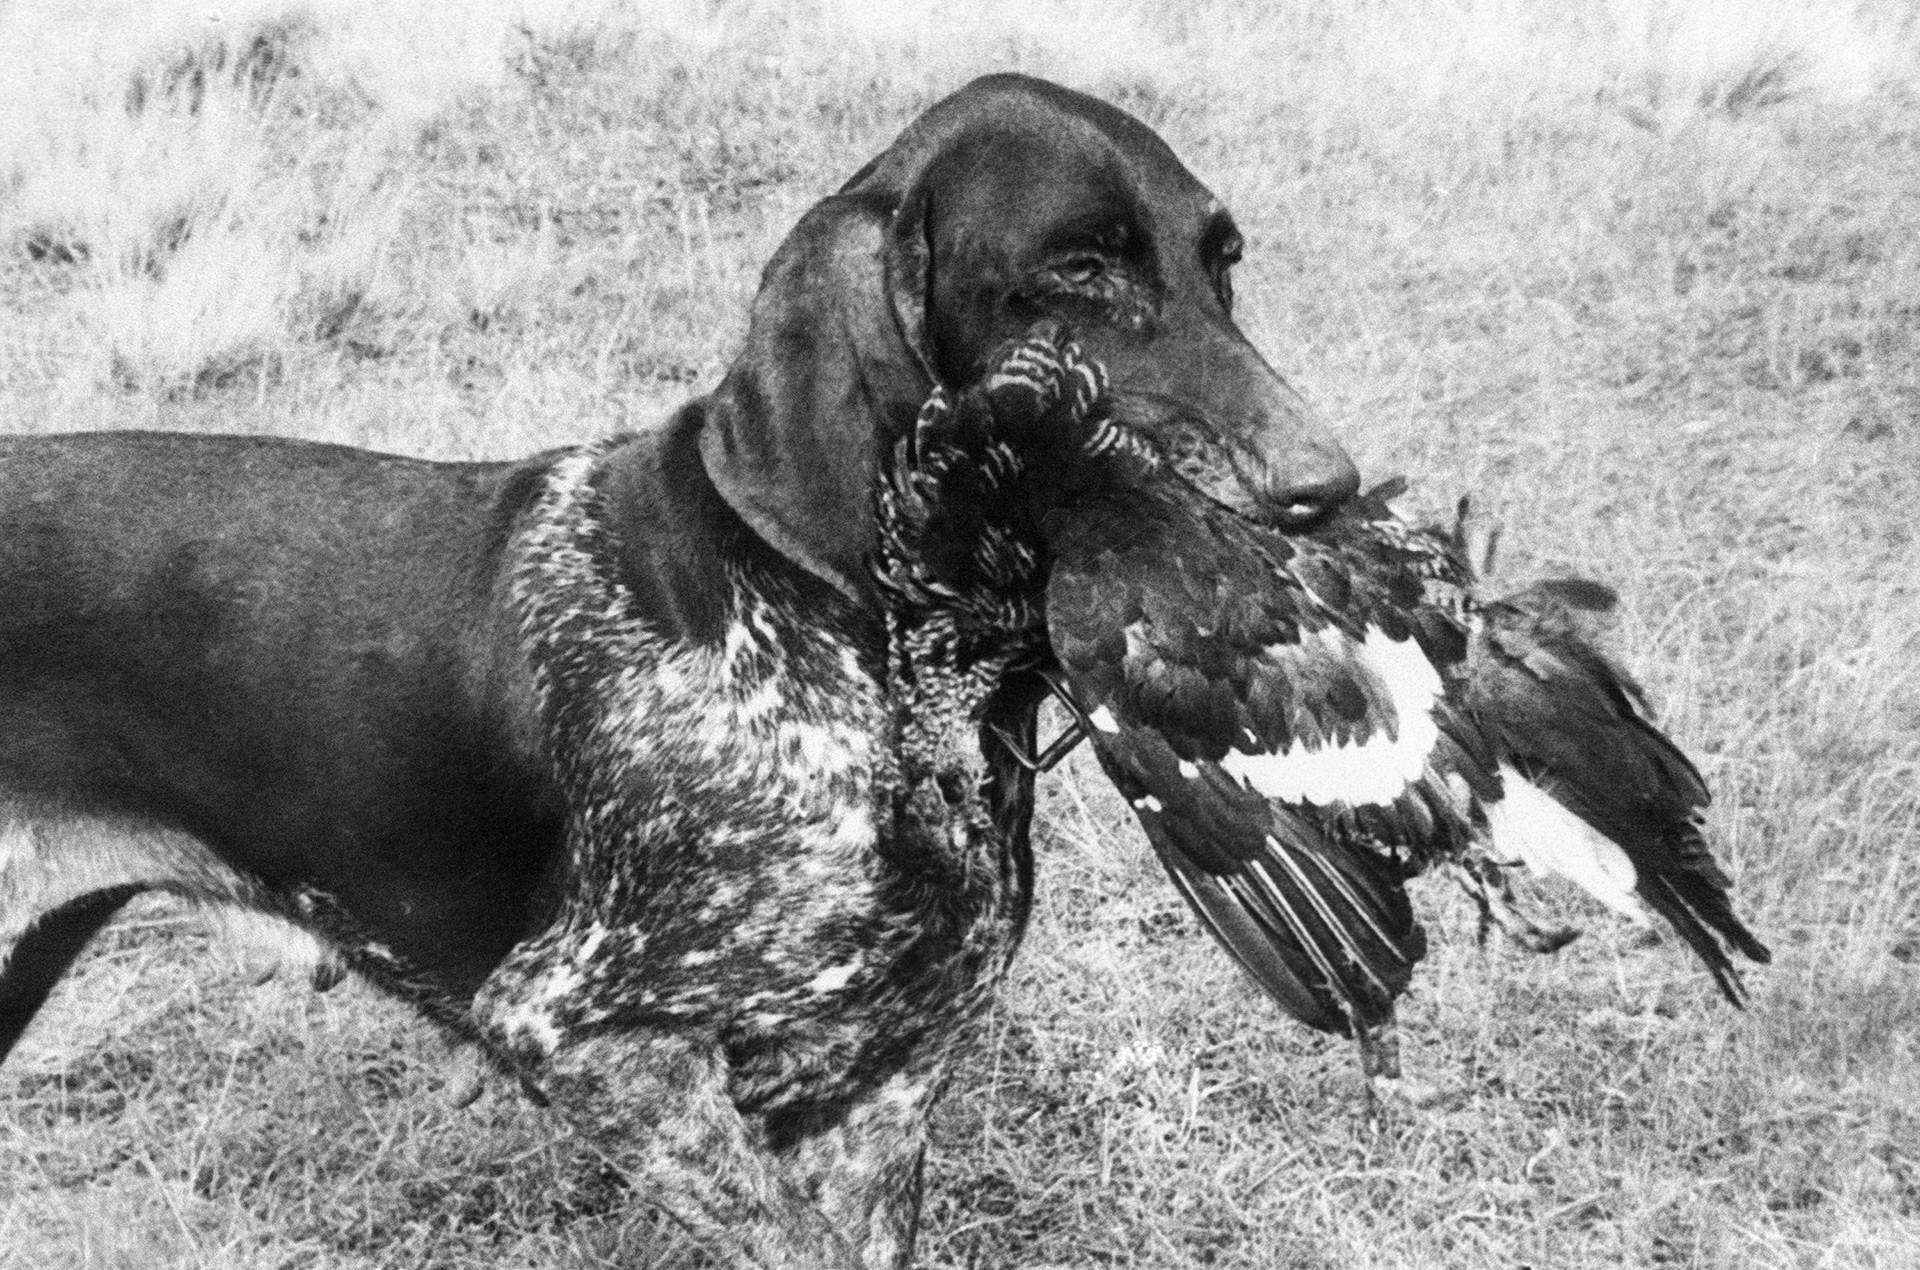 Немачки краткодлаки птичар носи у зубима одстрељену птицу на 24. московској изложби ловачких паса.